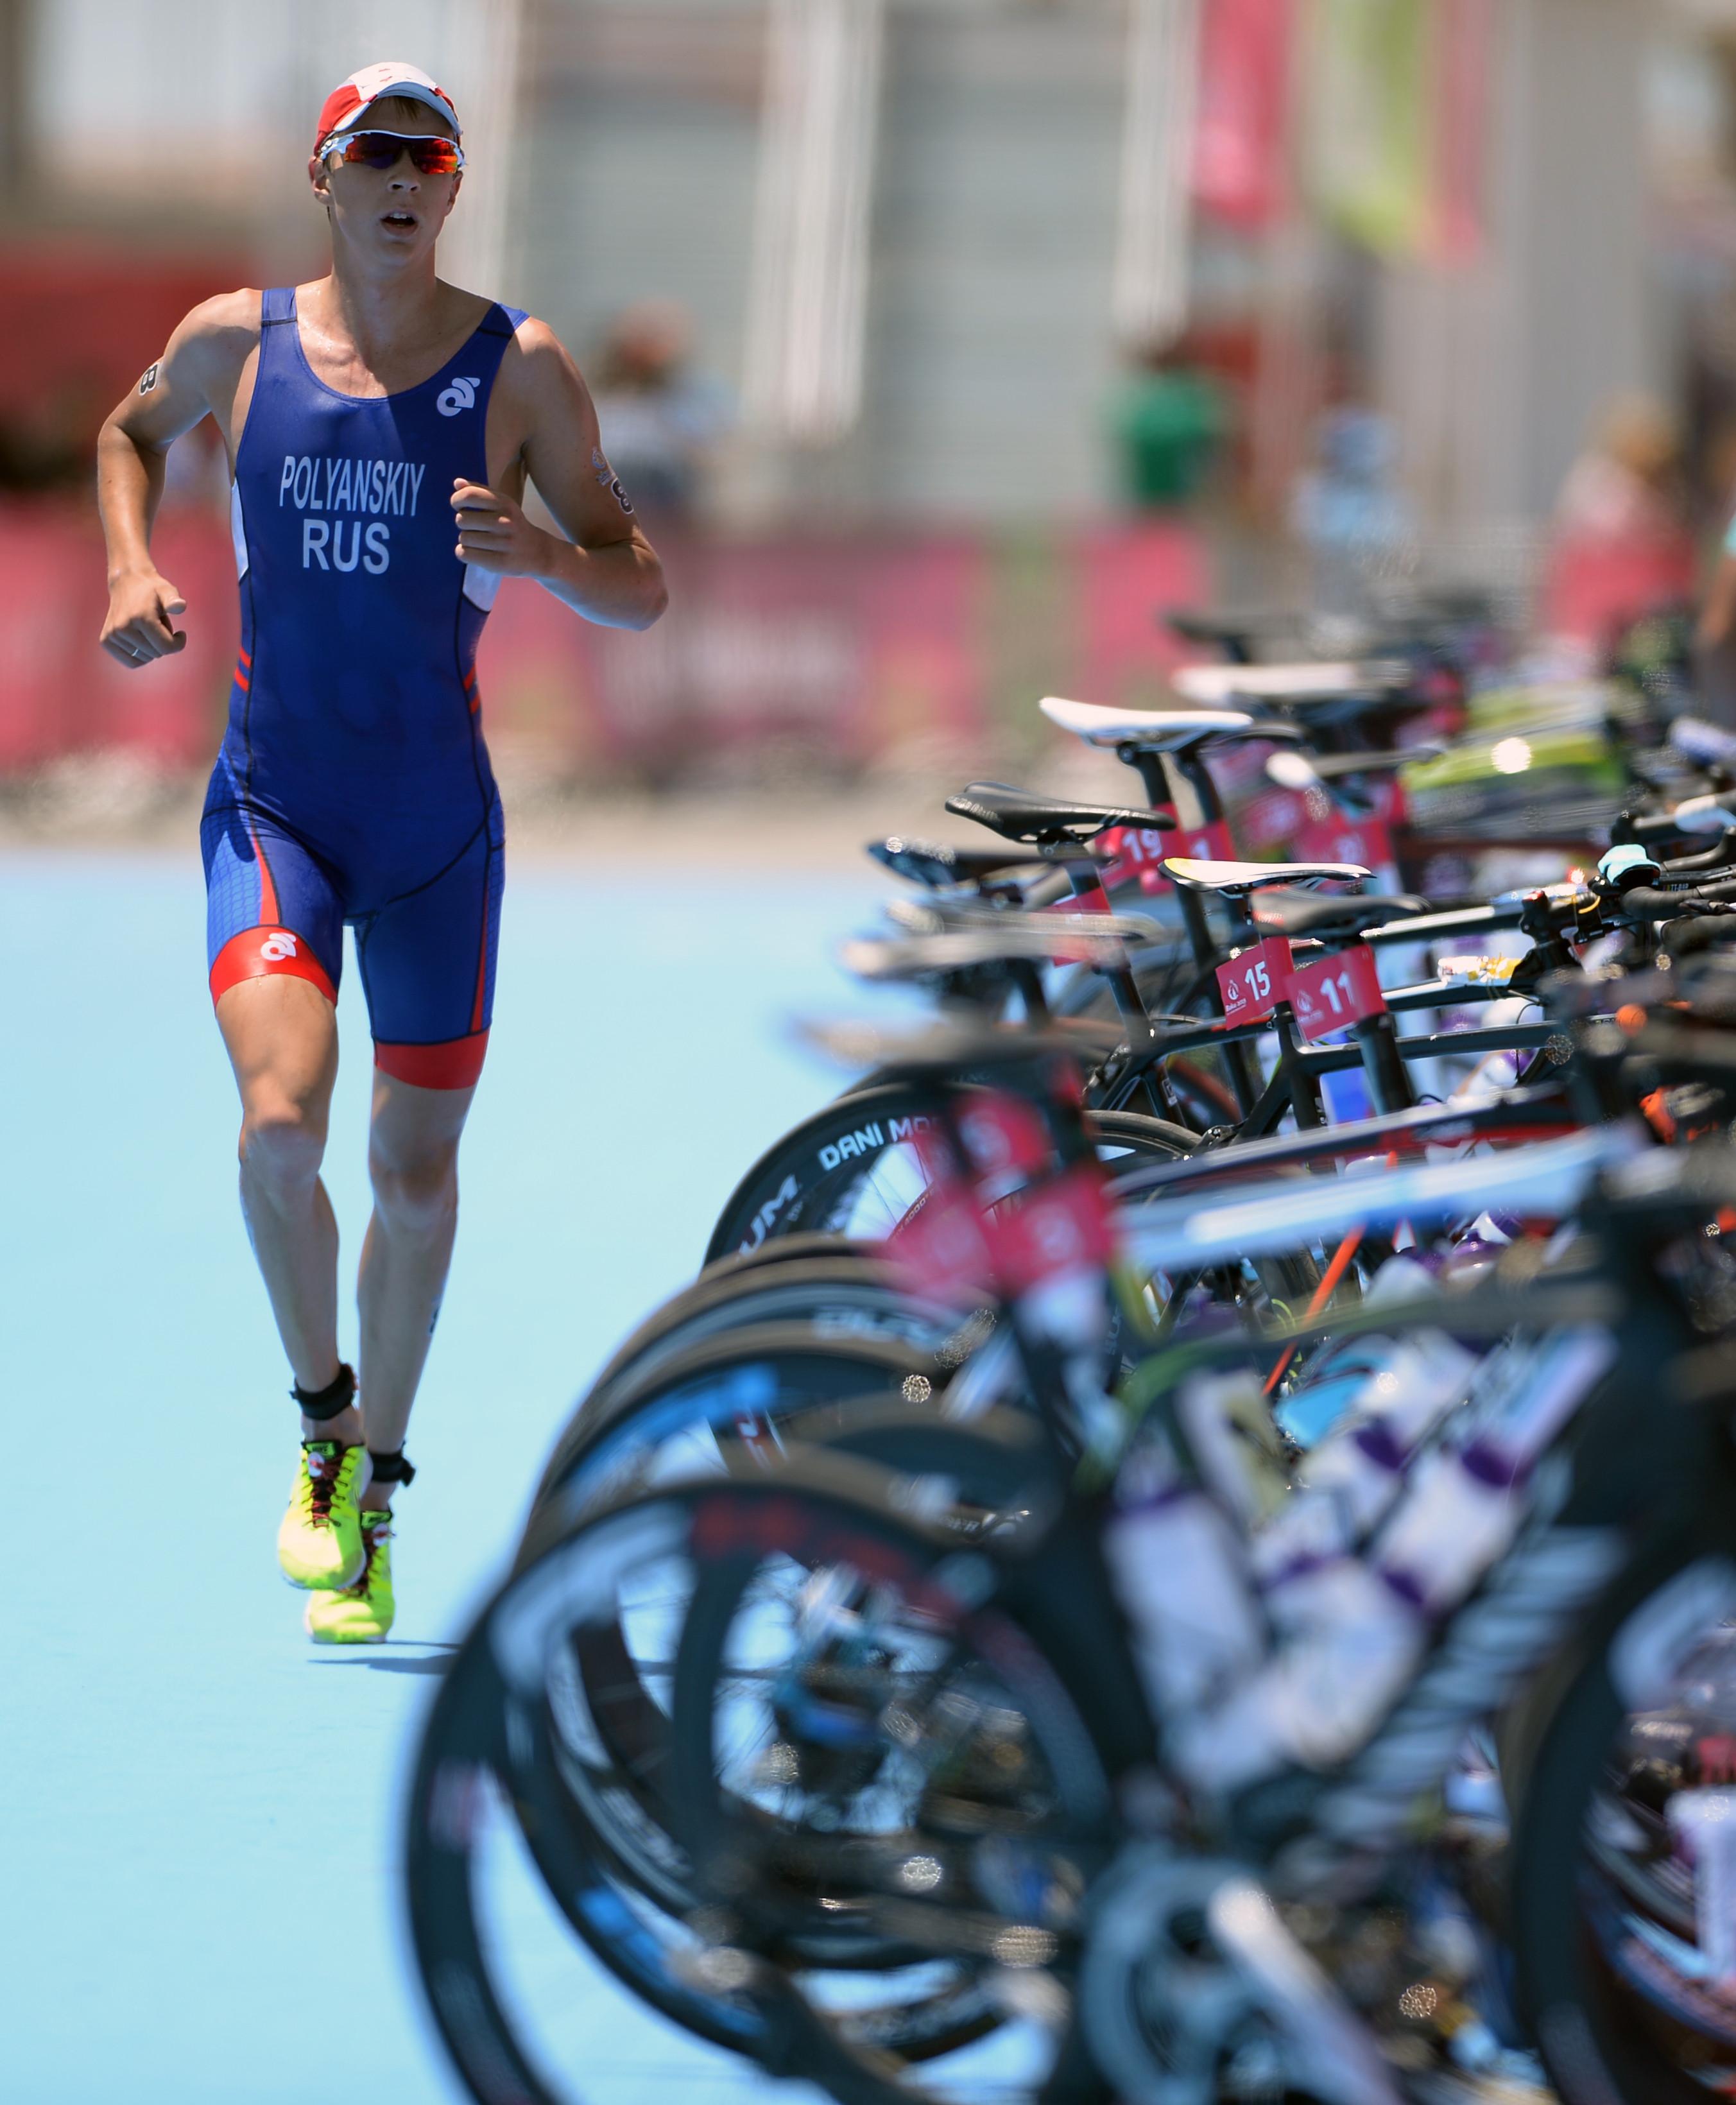 Триатлон - виды соревнований (различные разновидности триатлона)